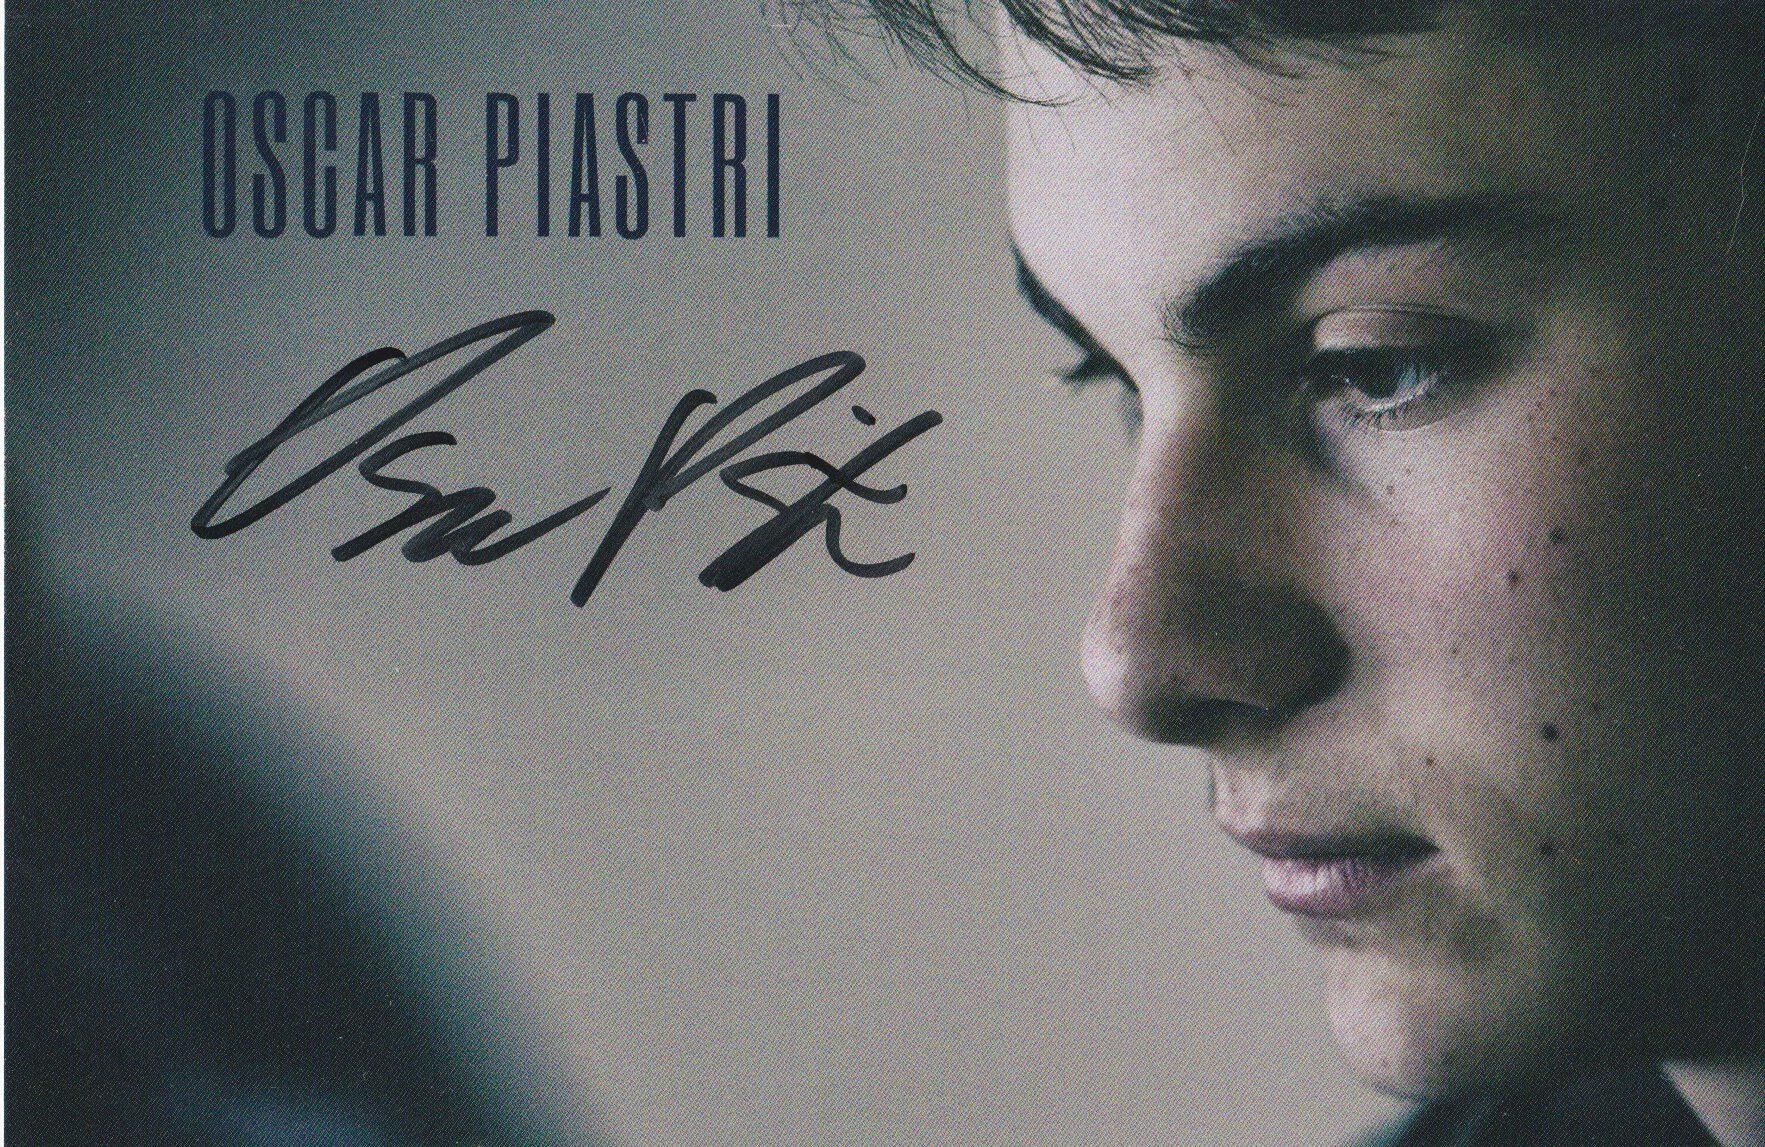 Oscar Piastri R-Ace 2019